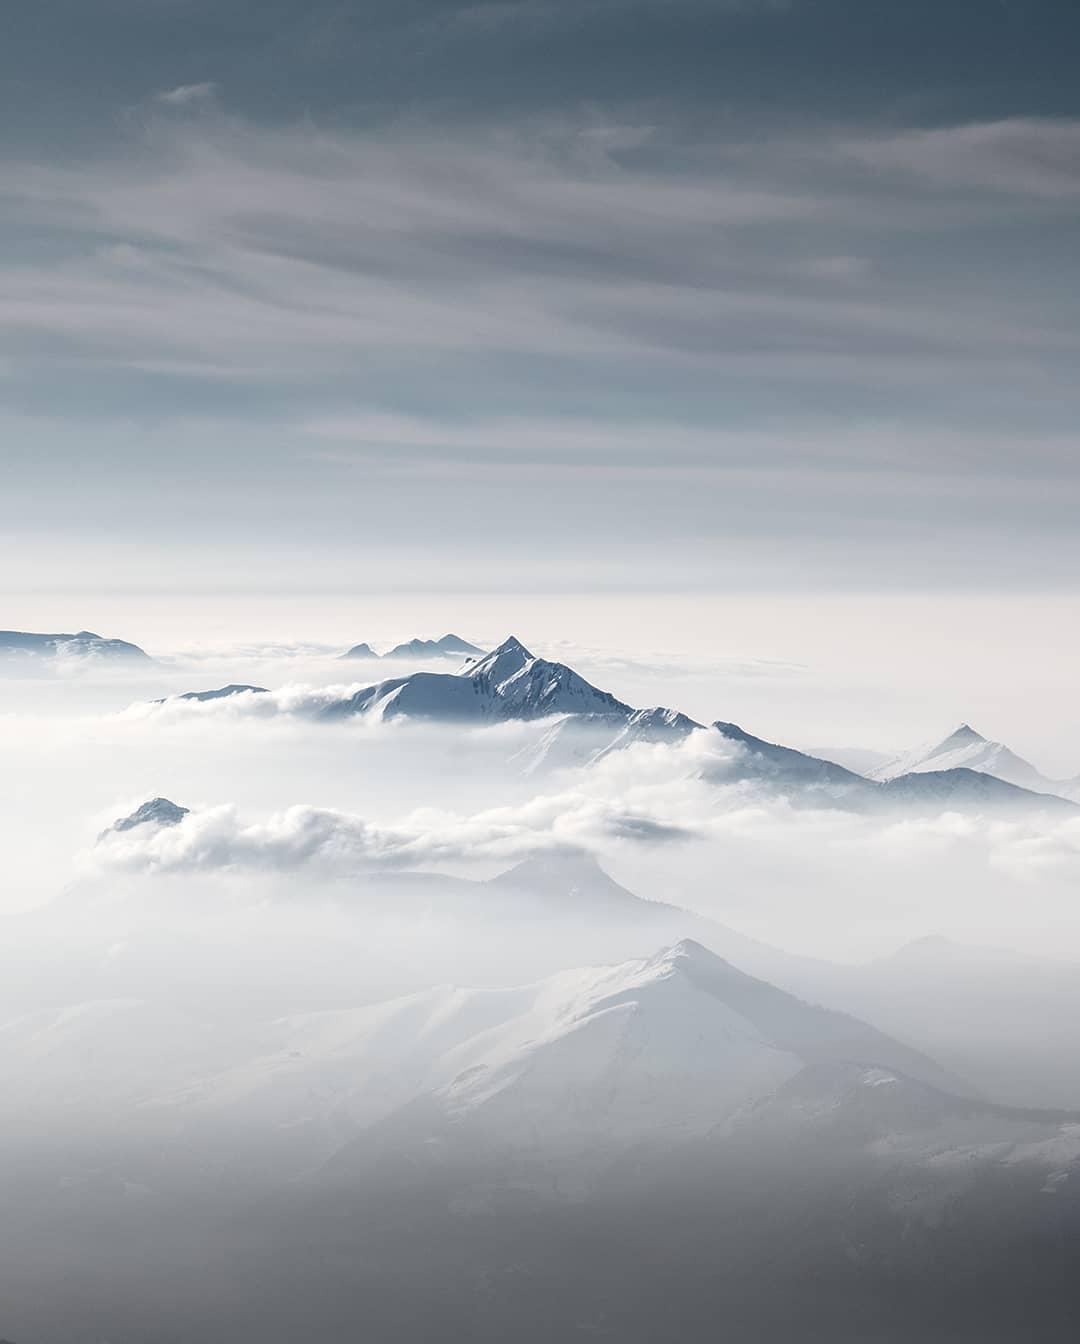 Fotografía montaña Pirineos by @tripinwild